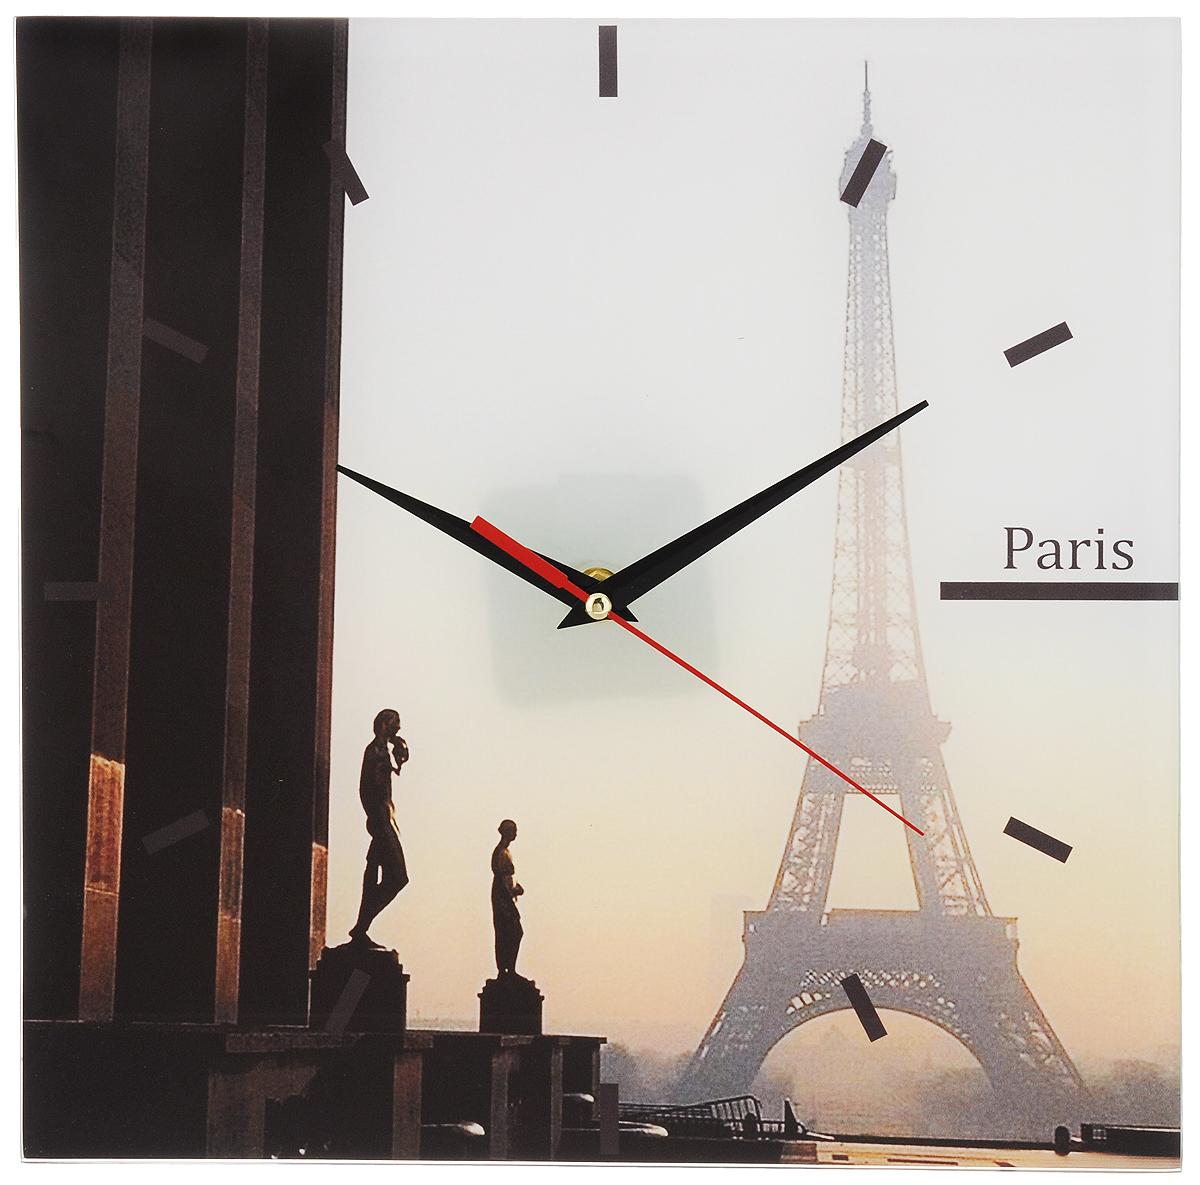 Часы настенные Paris, стеклянные, цвет: мульти. 95301 часы настенные эврика котенок с рыбкой стеклянные 30 х 30 х 4 см